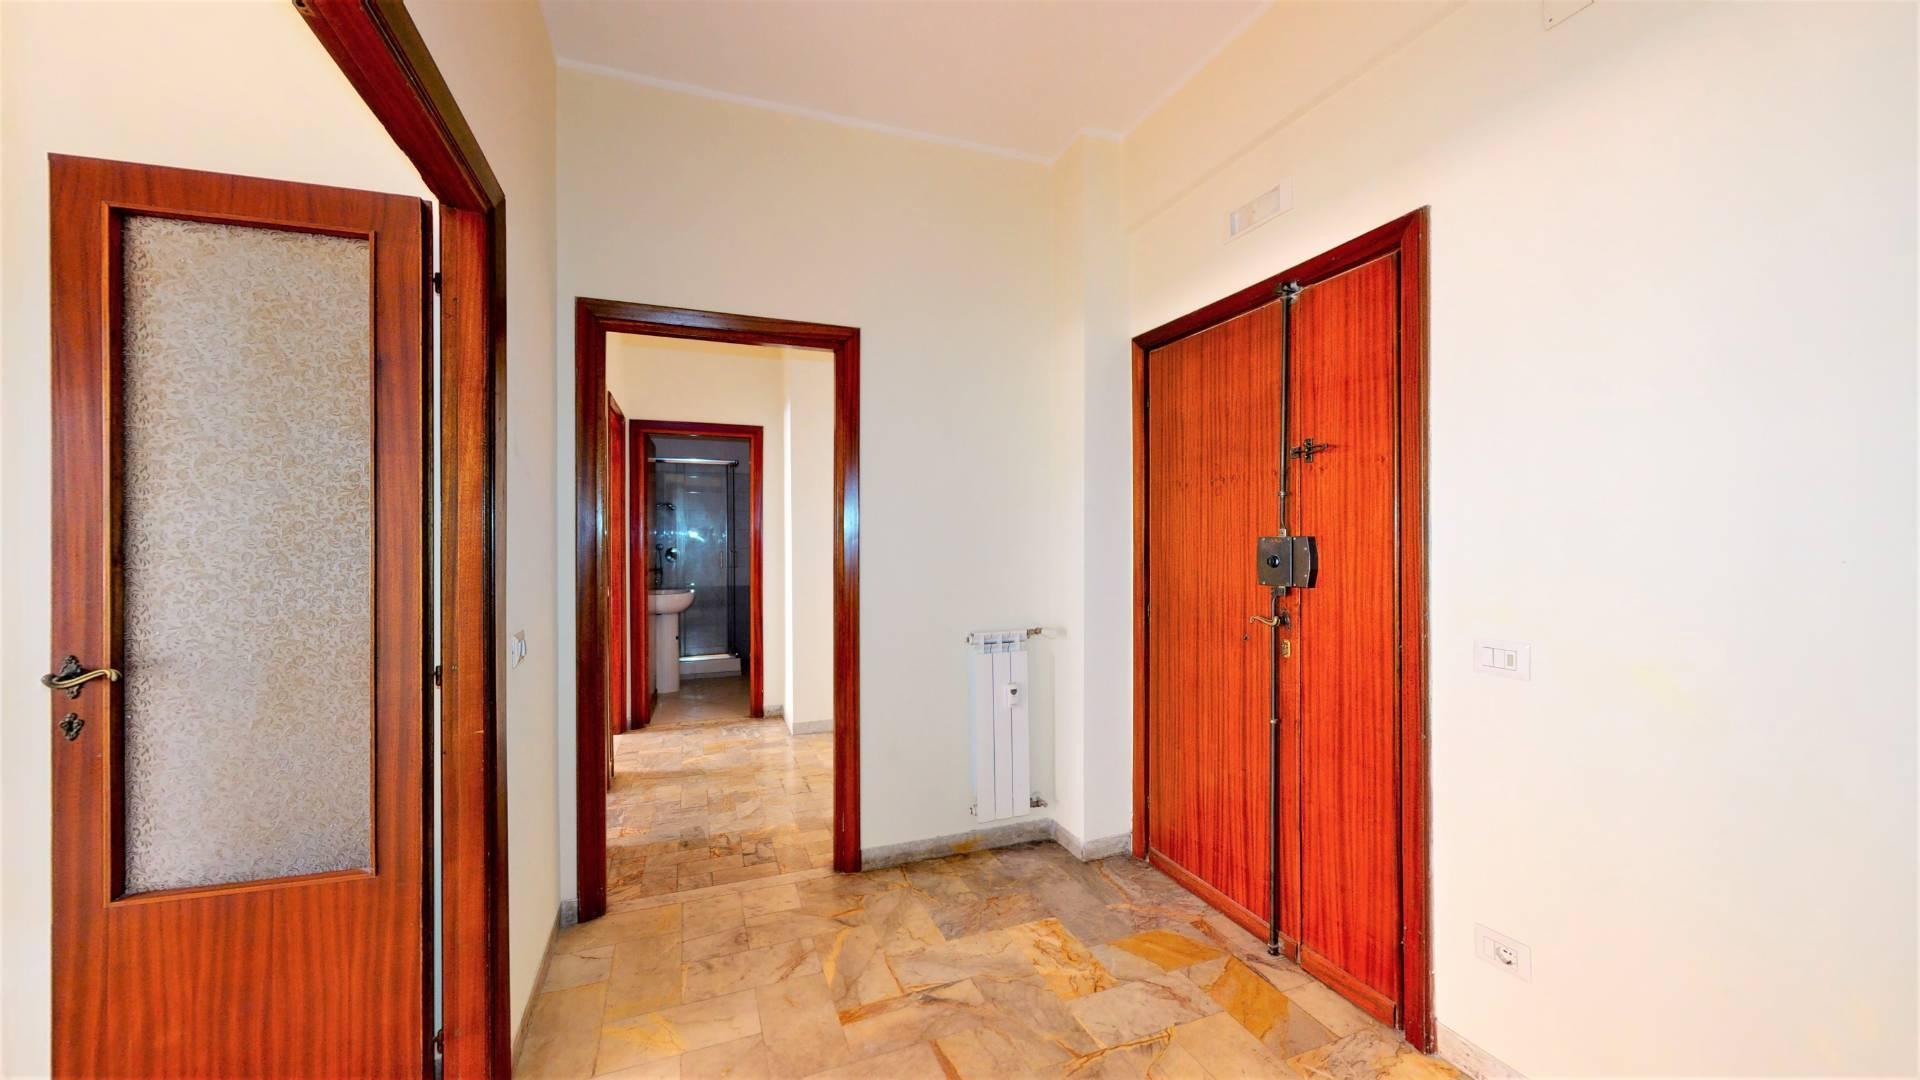 Appartamento in vendita a Roma, 2 locali, zona Zona: 10 . Pigneto, Largo Preneste, prezzo € 235.000   CambioCasa.it